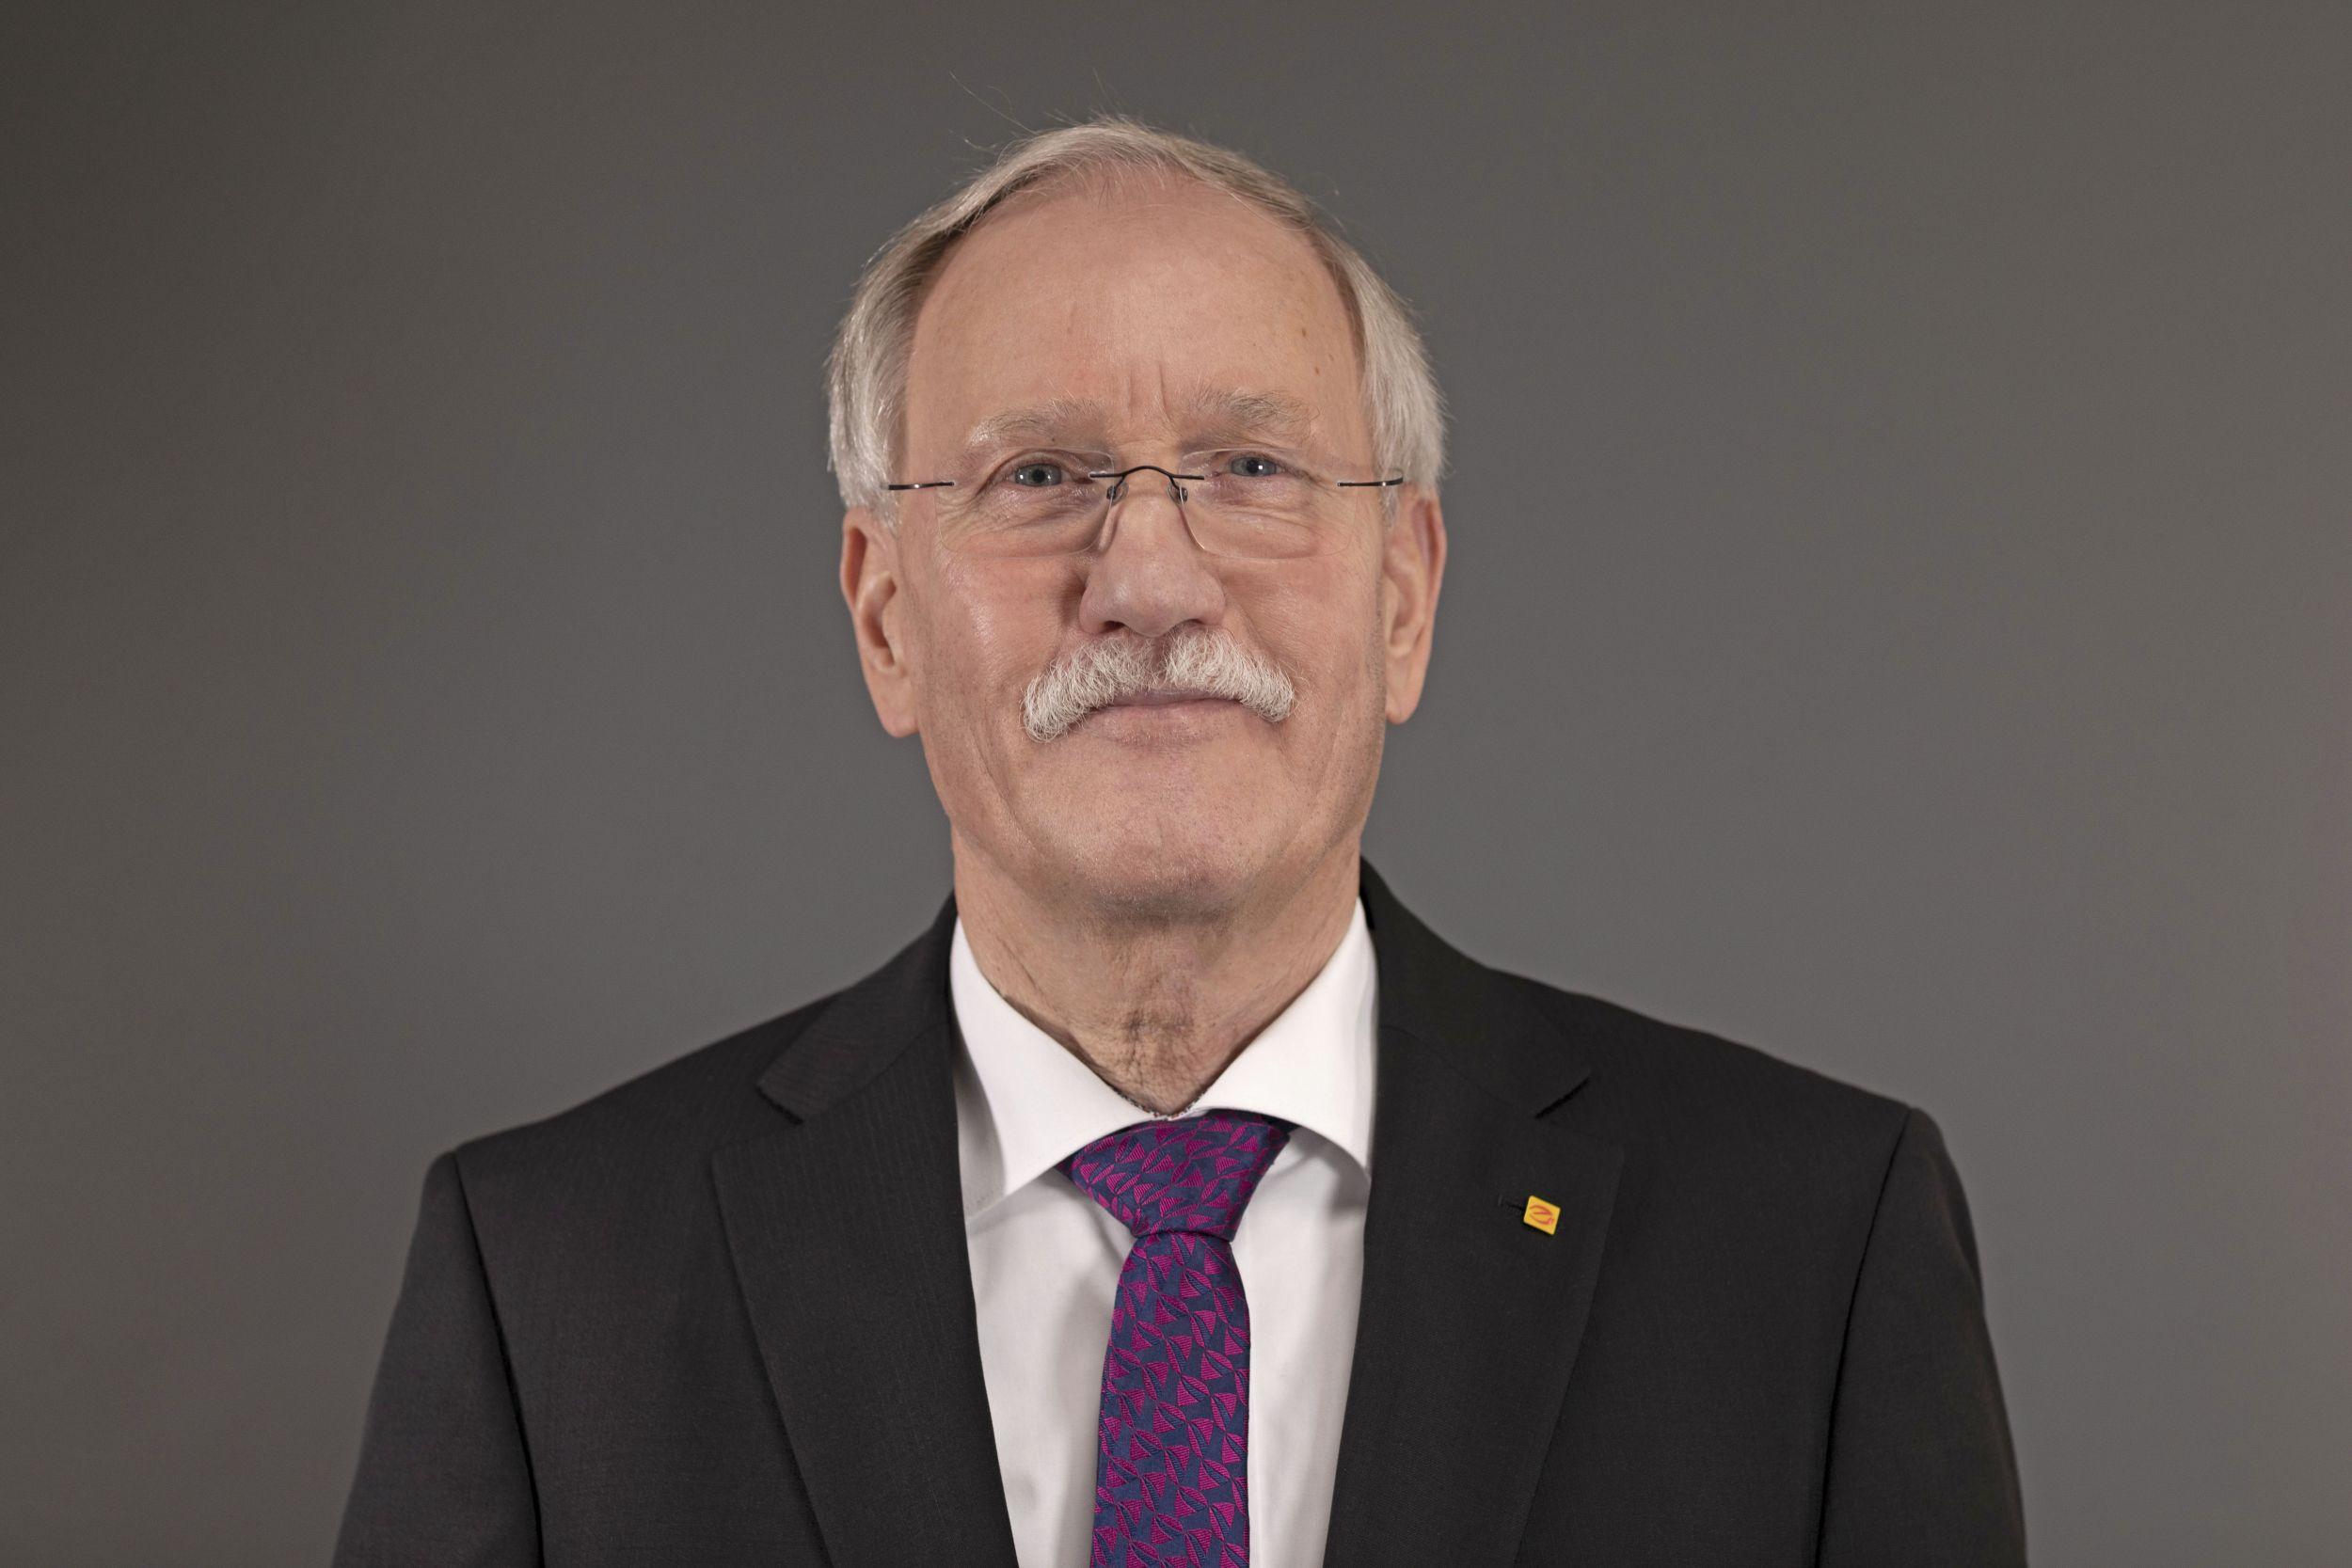 ZVEH-Präsident mit Vorschlägen zu Preiserhöhungen und Lieferengpässen